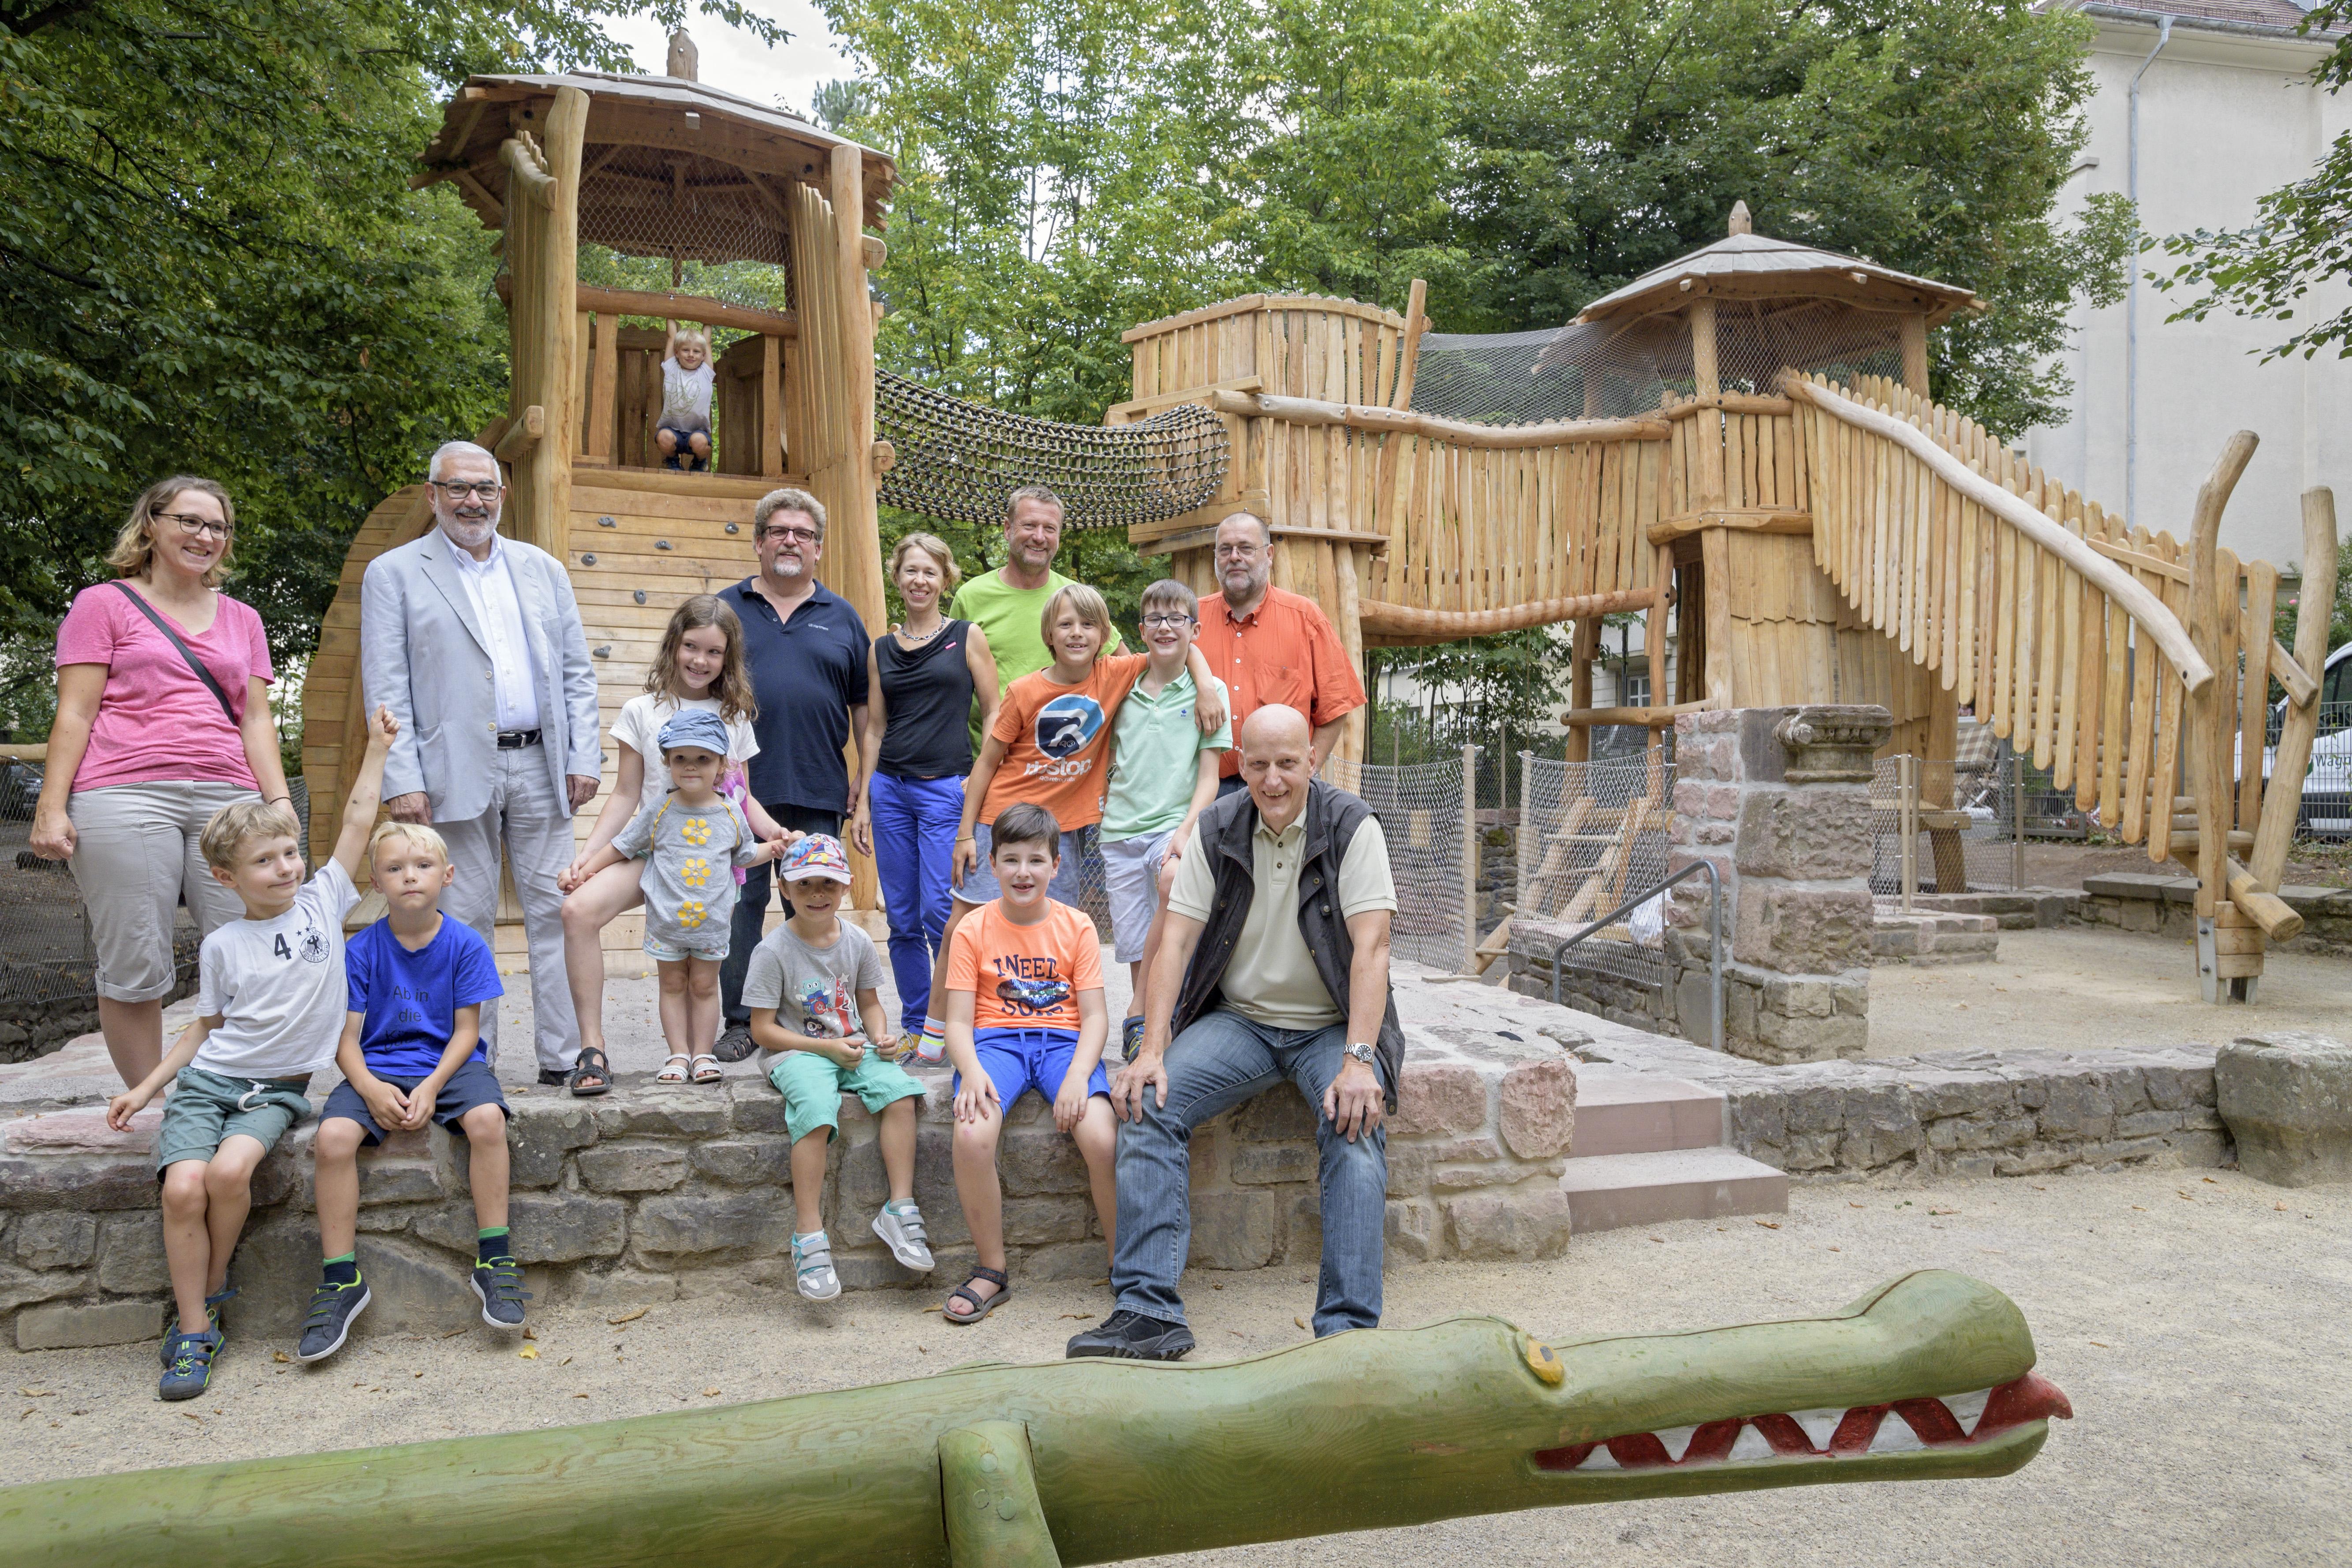 Klettergerüst Spielplatz : Dante spielplatz bekommt tolles klettergerüst